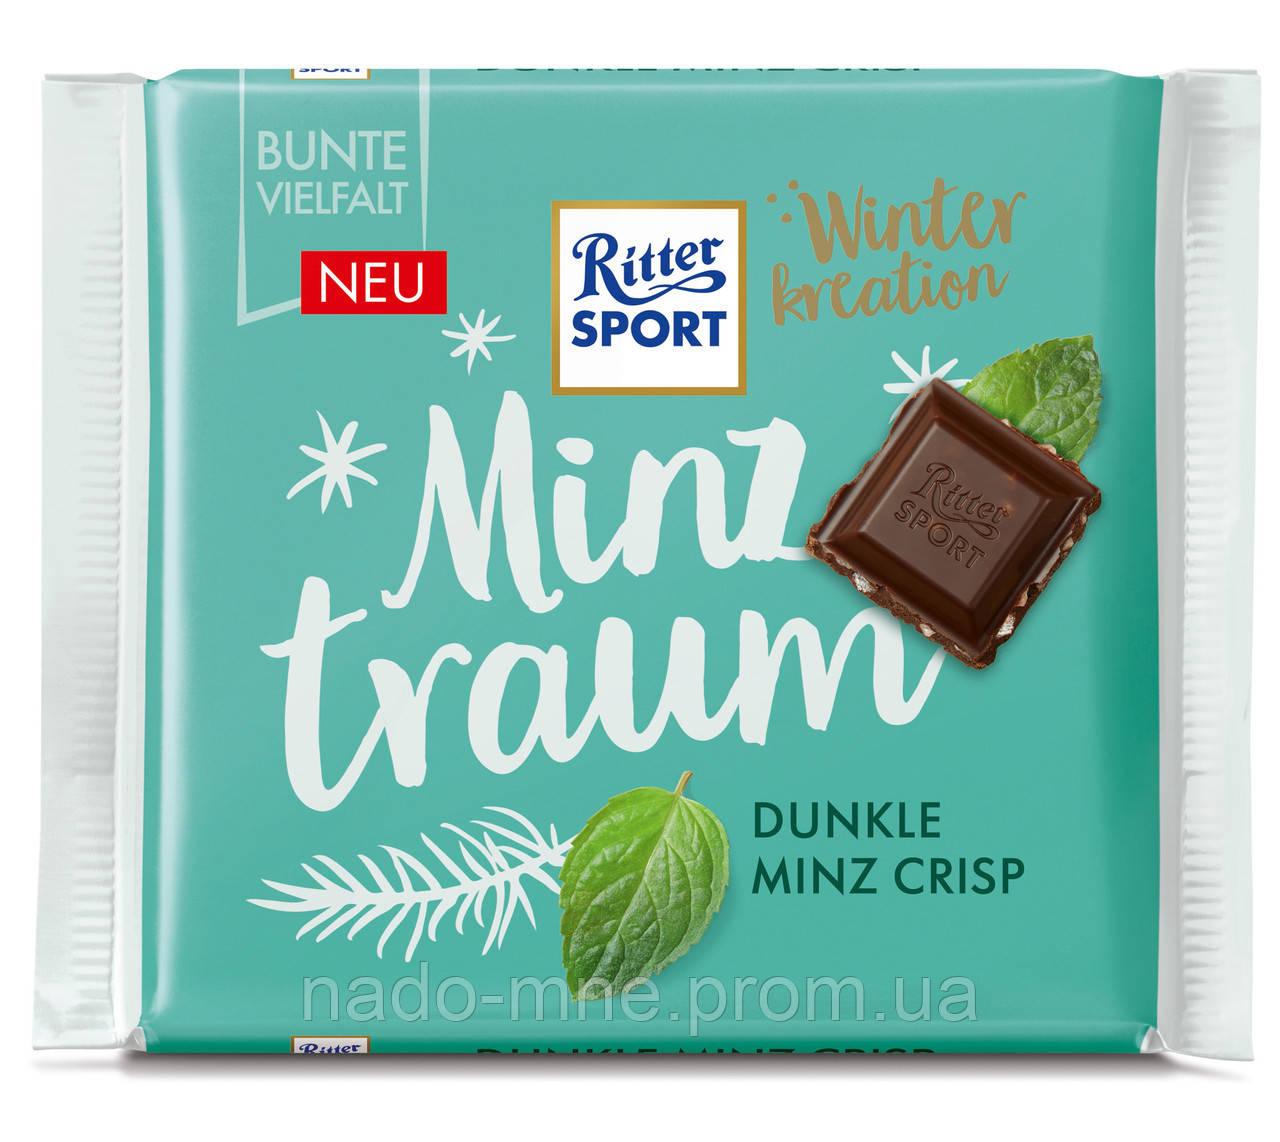 Шоколад Ritter Minz Traum, Германия